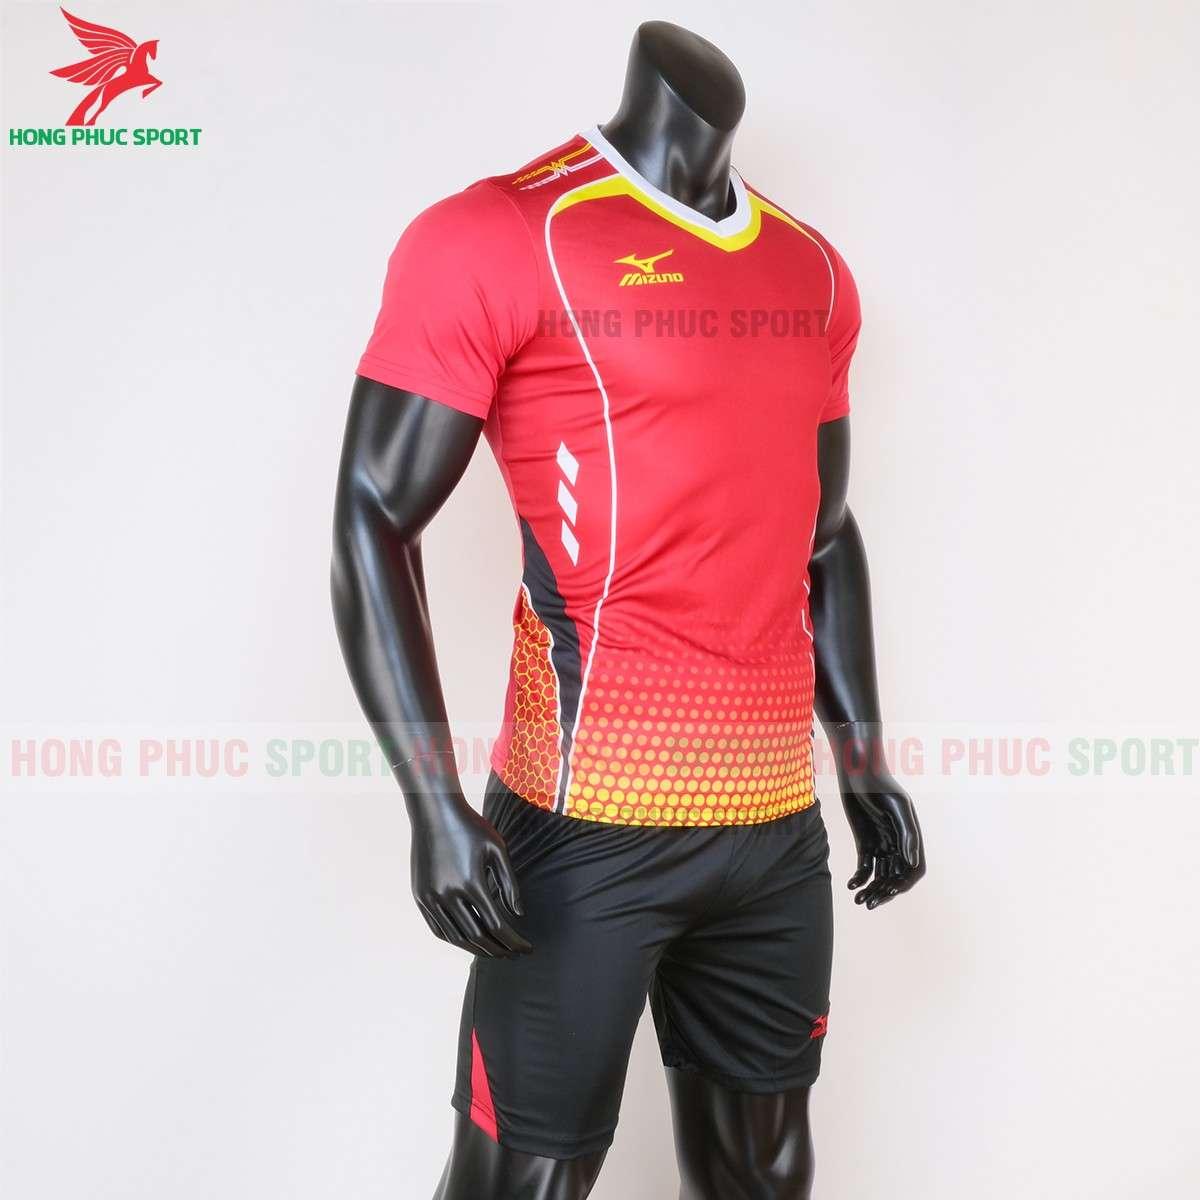 Quần áo thi đấu bóng chuyền Mizuno 2020 màu đỏ